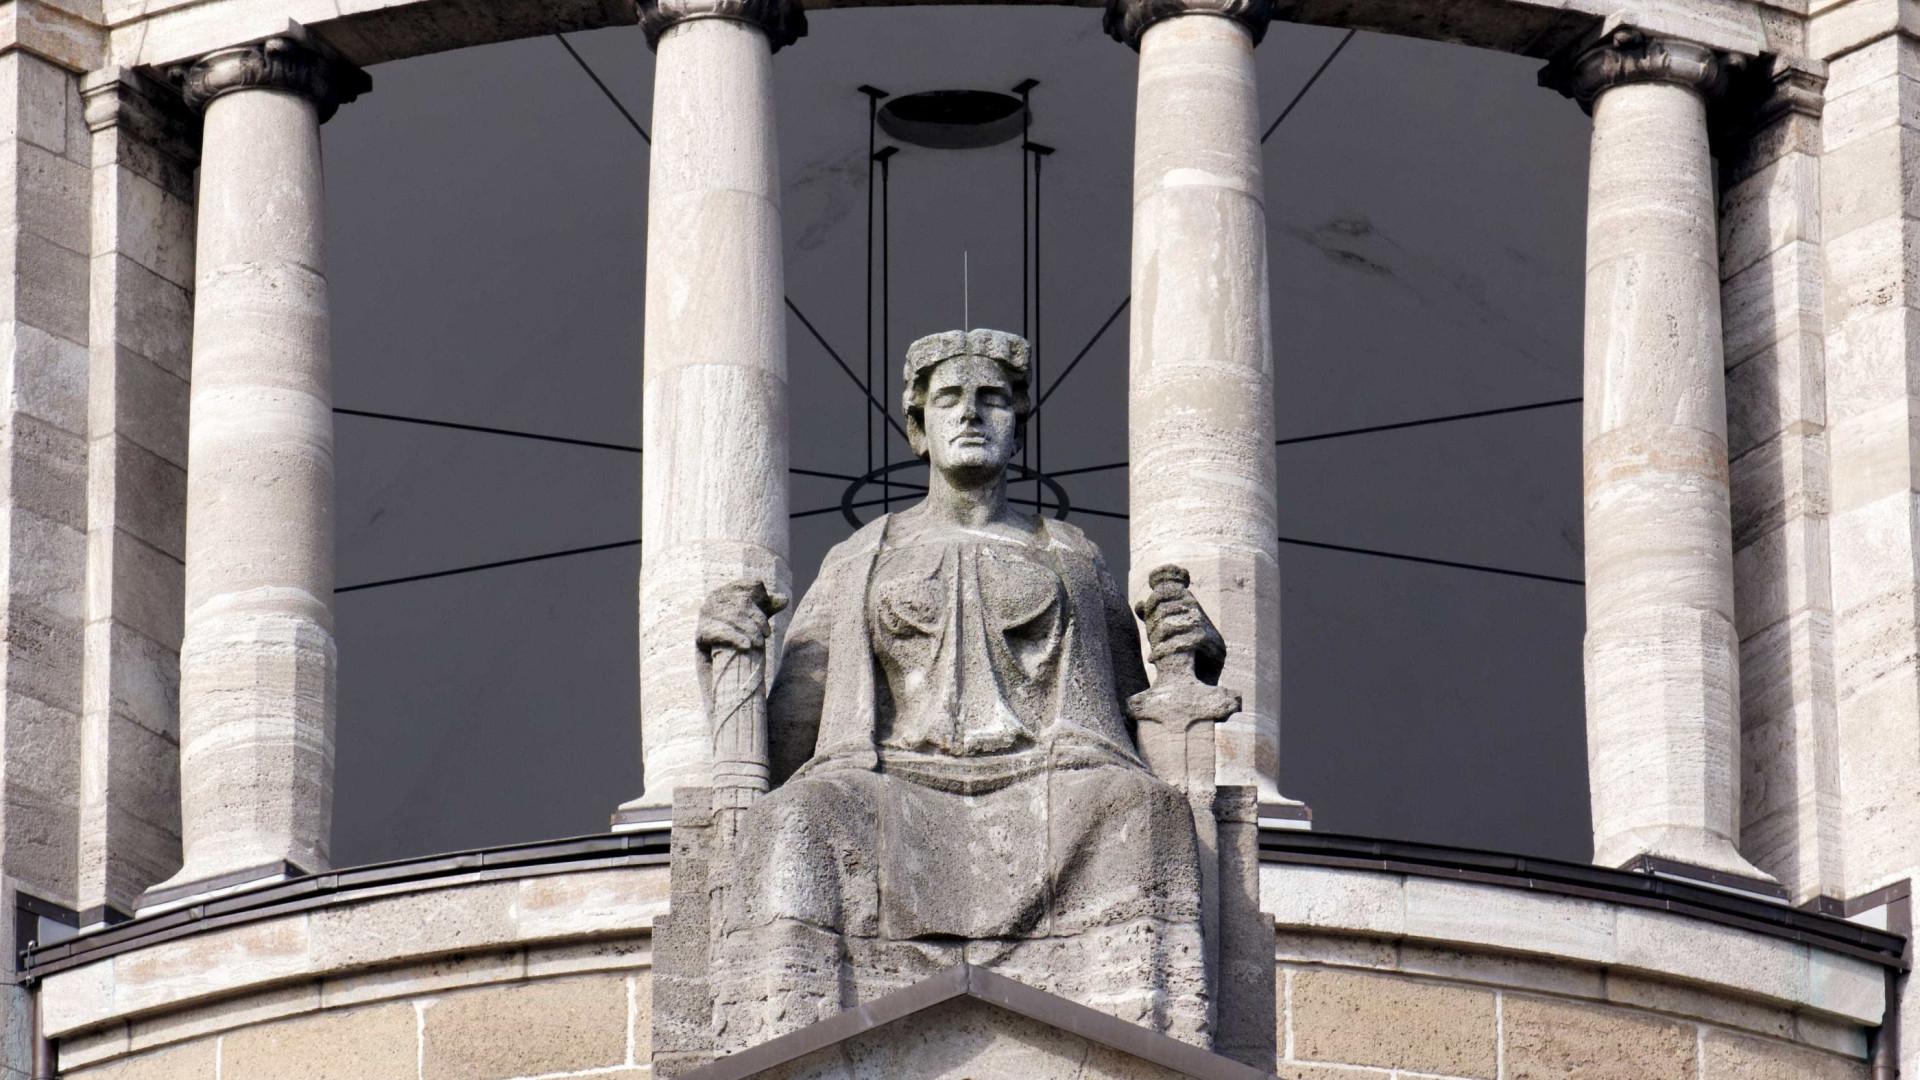 Tribunal condena única sobrevivente de grupo neonazi a prisão perpétua